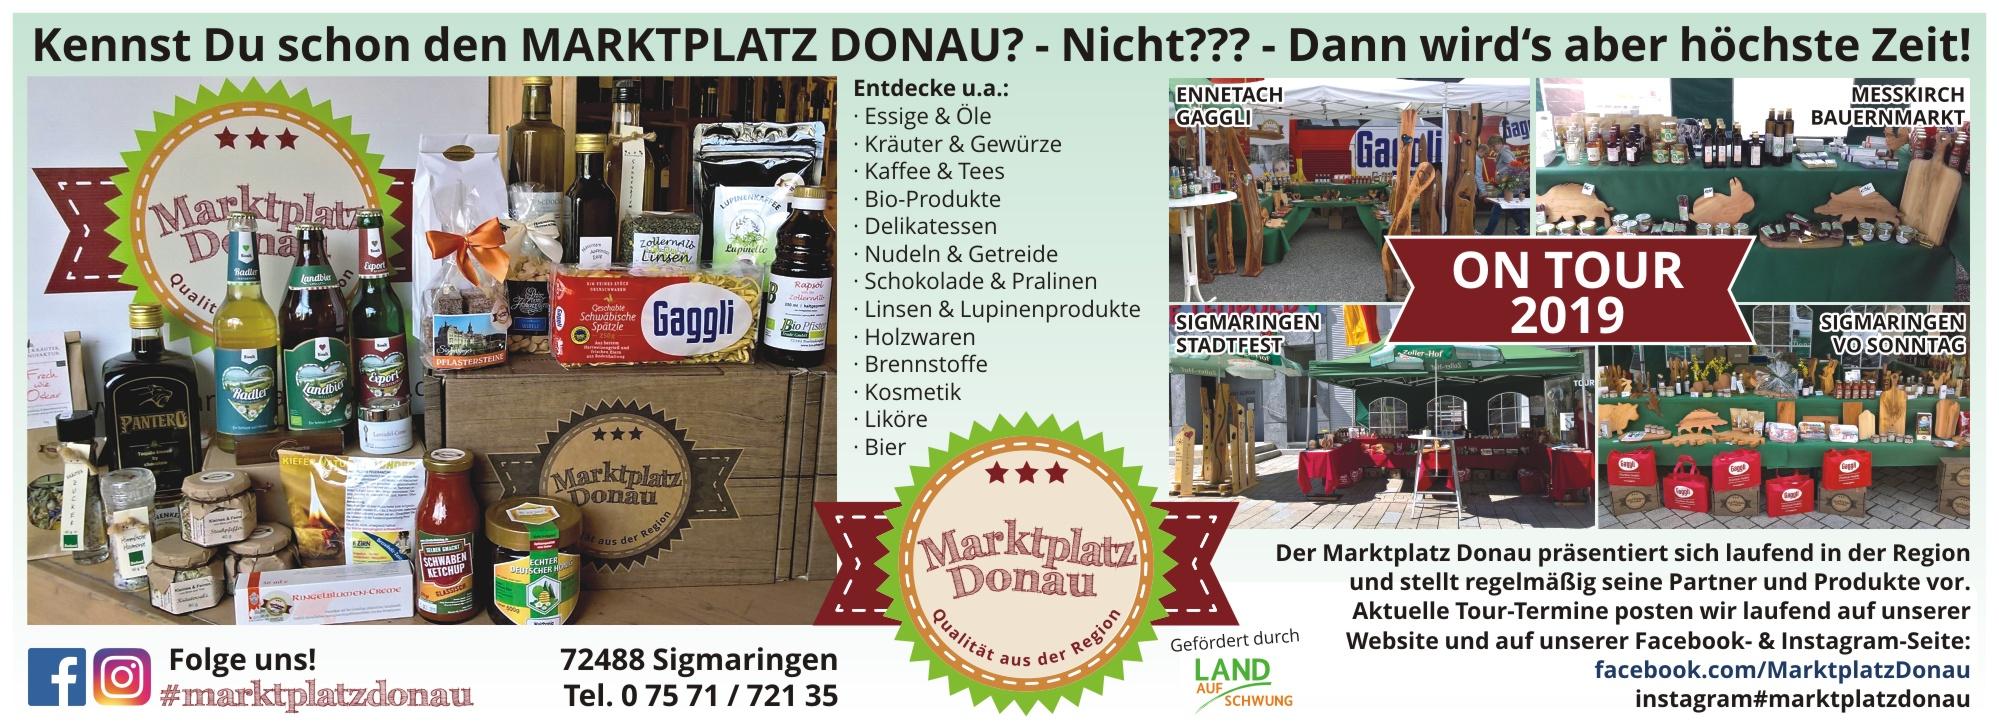 marktplatz-donau